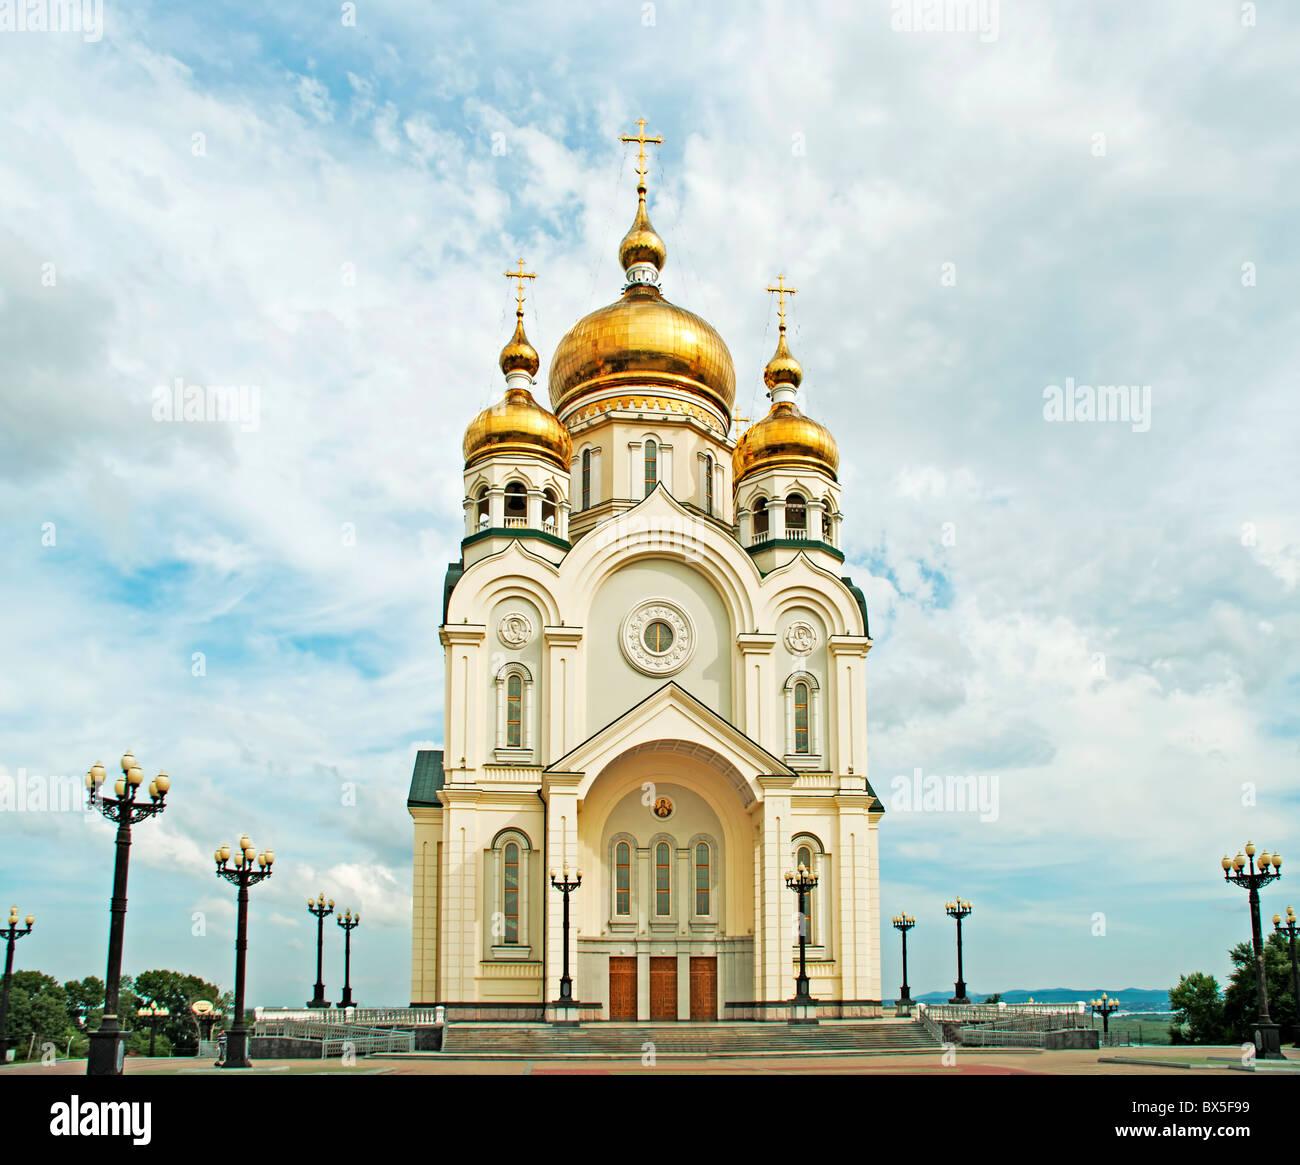 Spaso-Preobrazhenskiy cathedral Khabarovsk - Stock Image